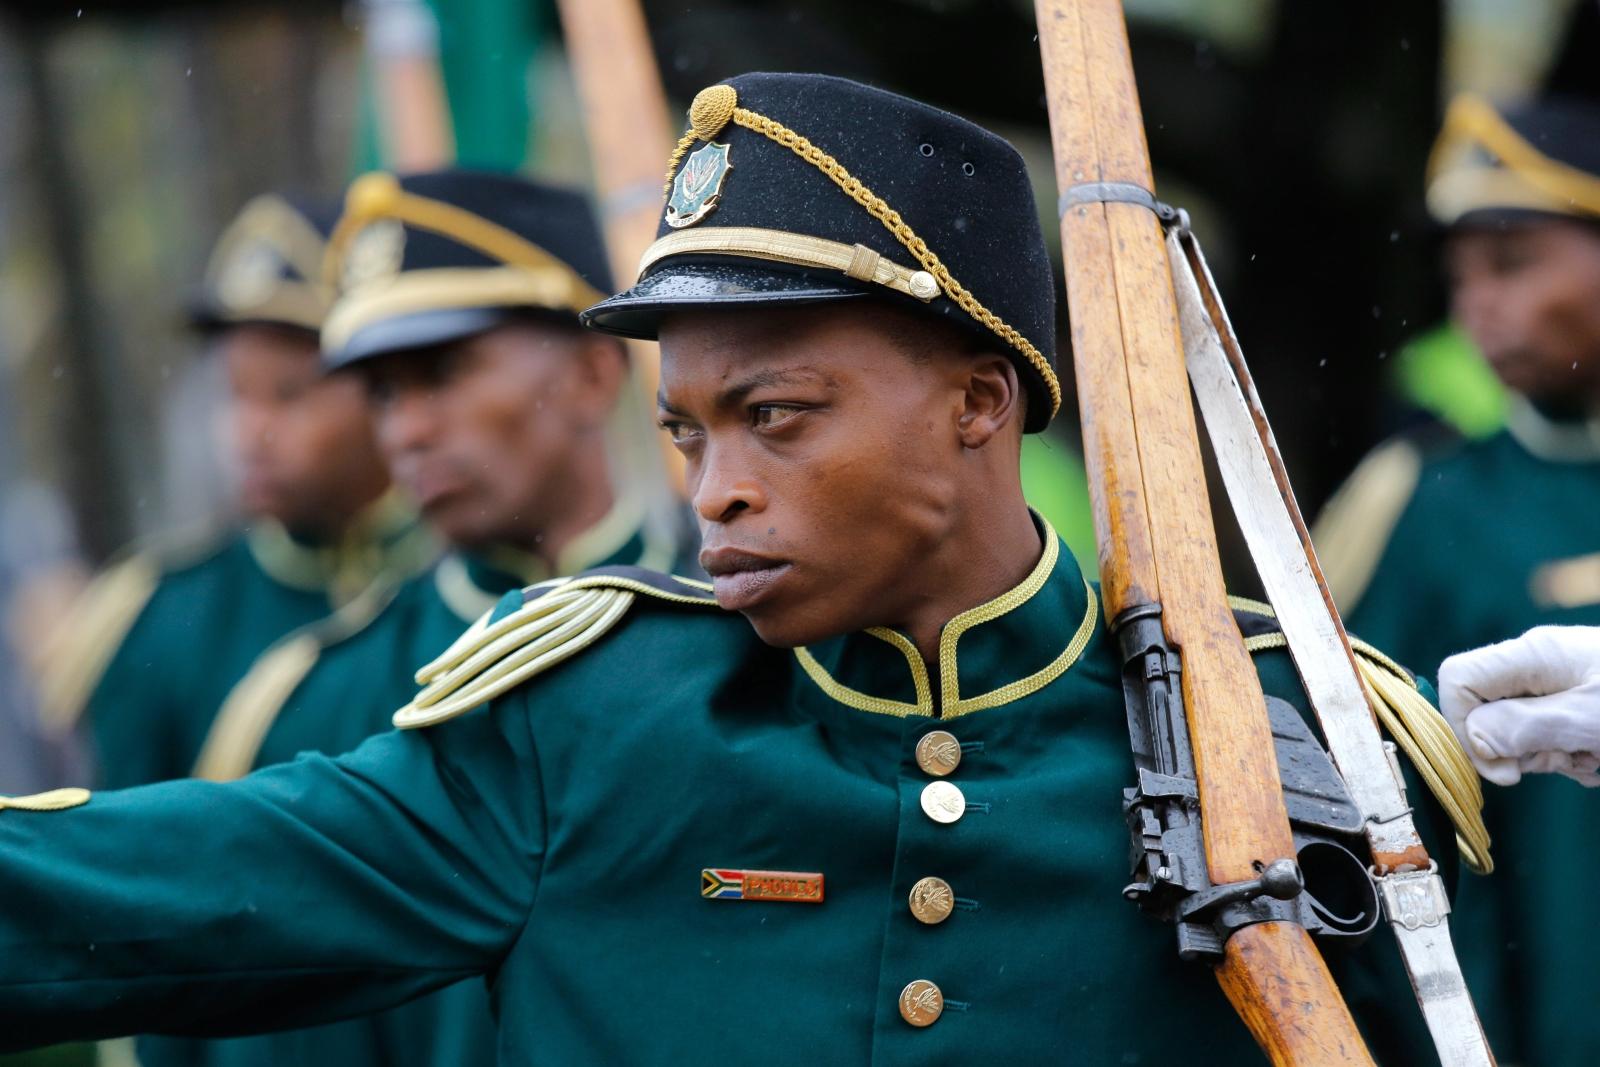 Członkowie Narodowej Gwardii Ceremonialnej w czasie corocznej Narodowej Parady Sił Obronnych, Durban, Południowa Afryka.